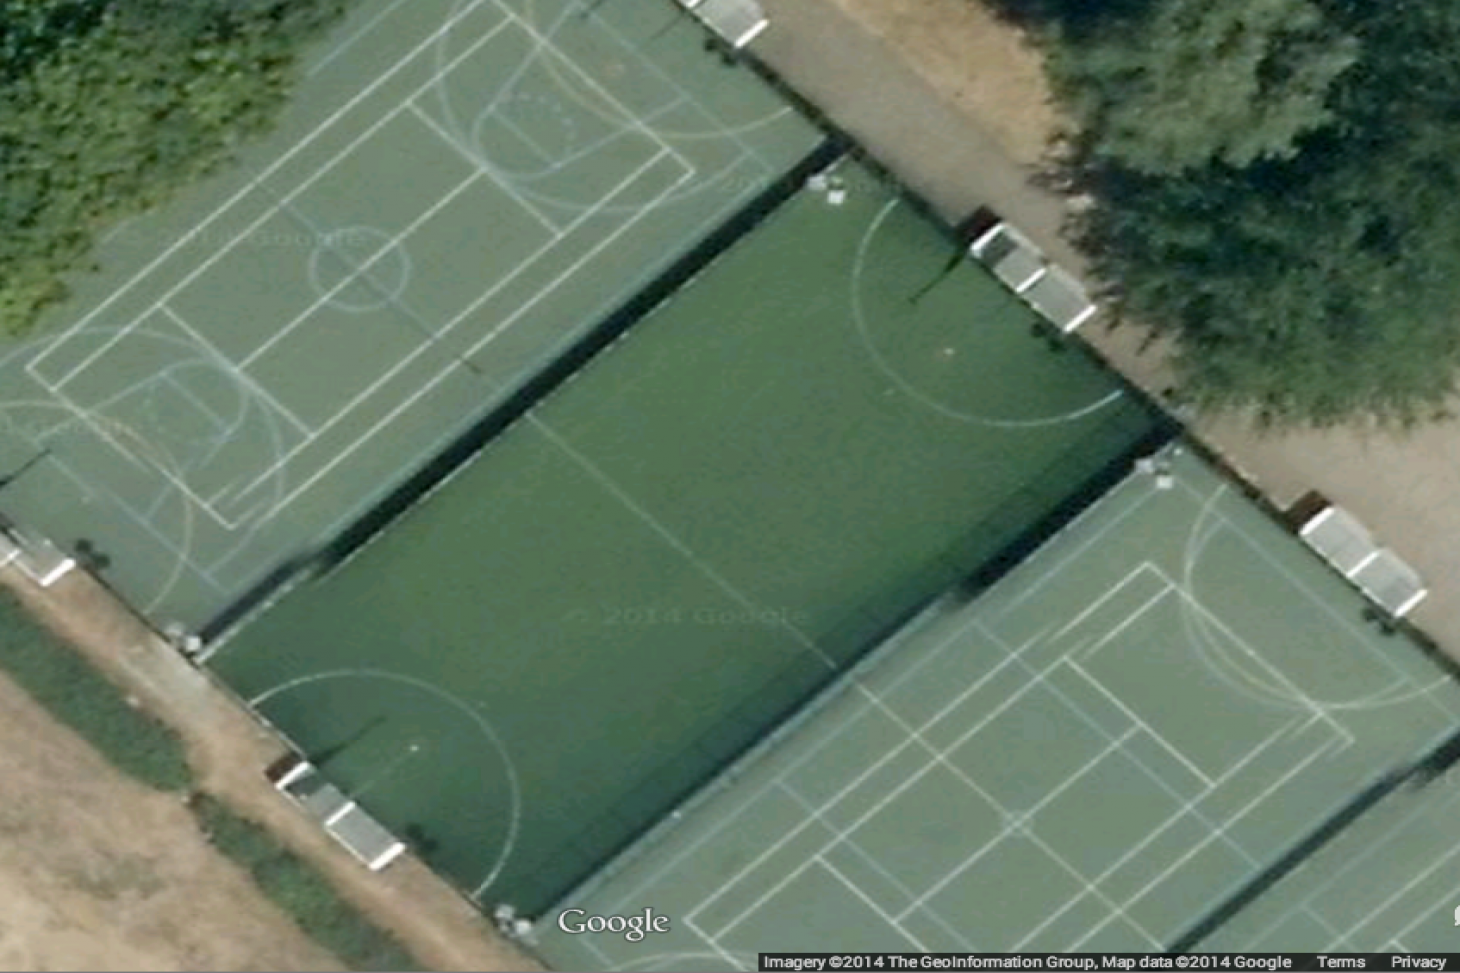 Elthorne Sports Centre Outdoor | Concrete tennis court